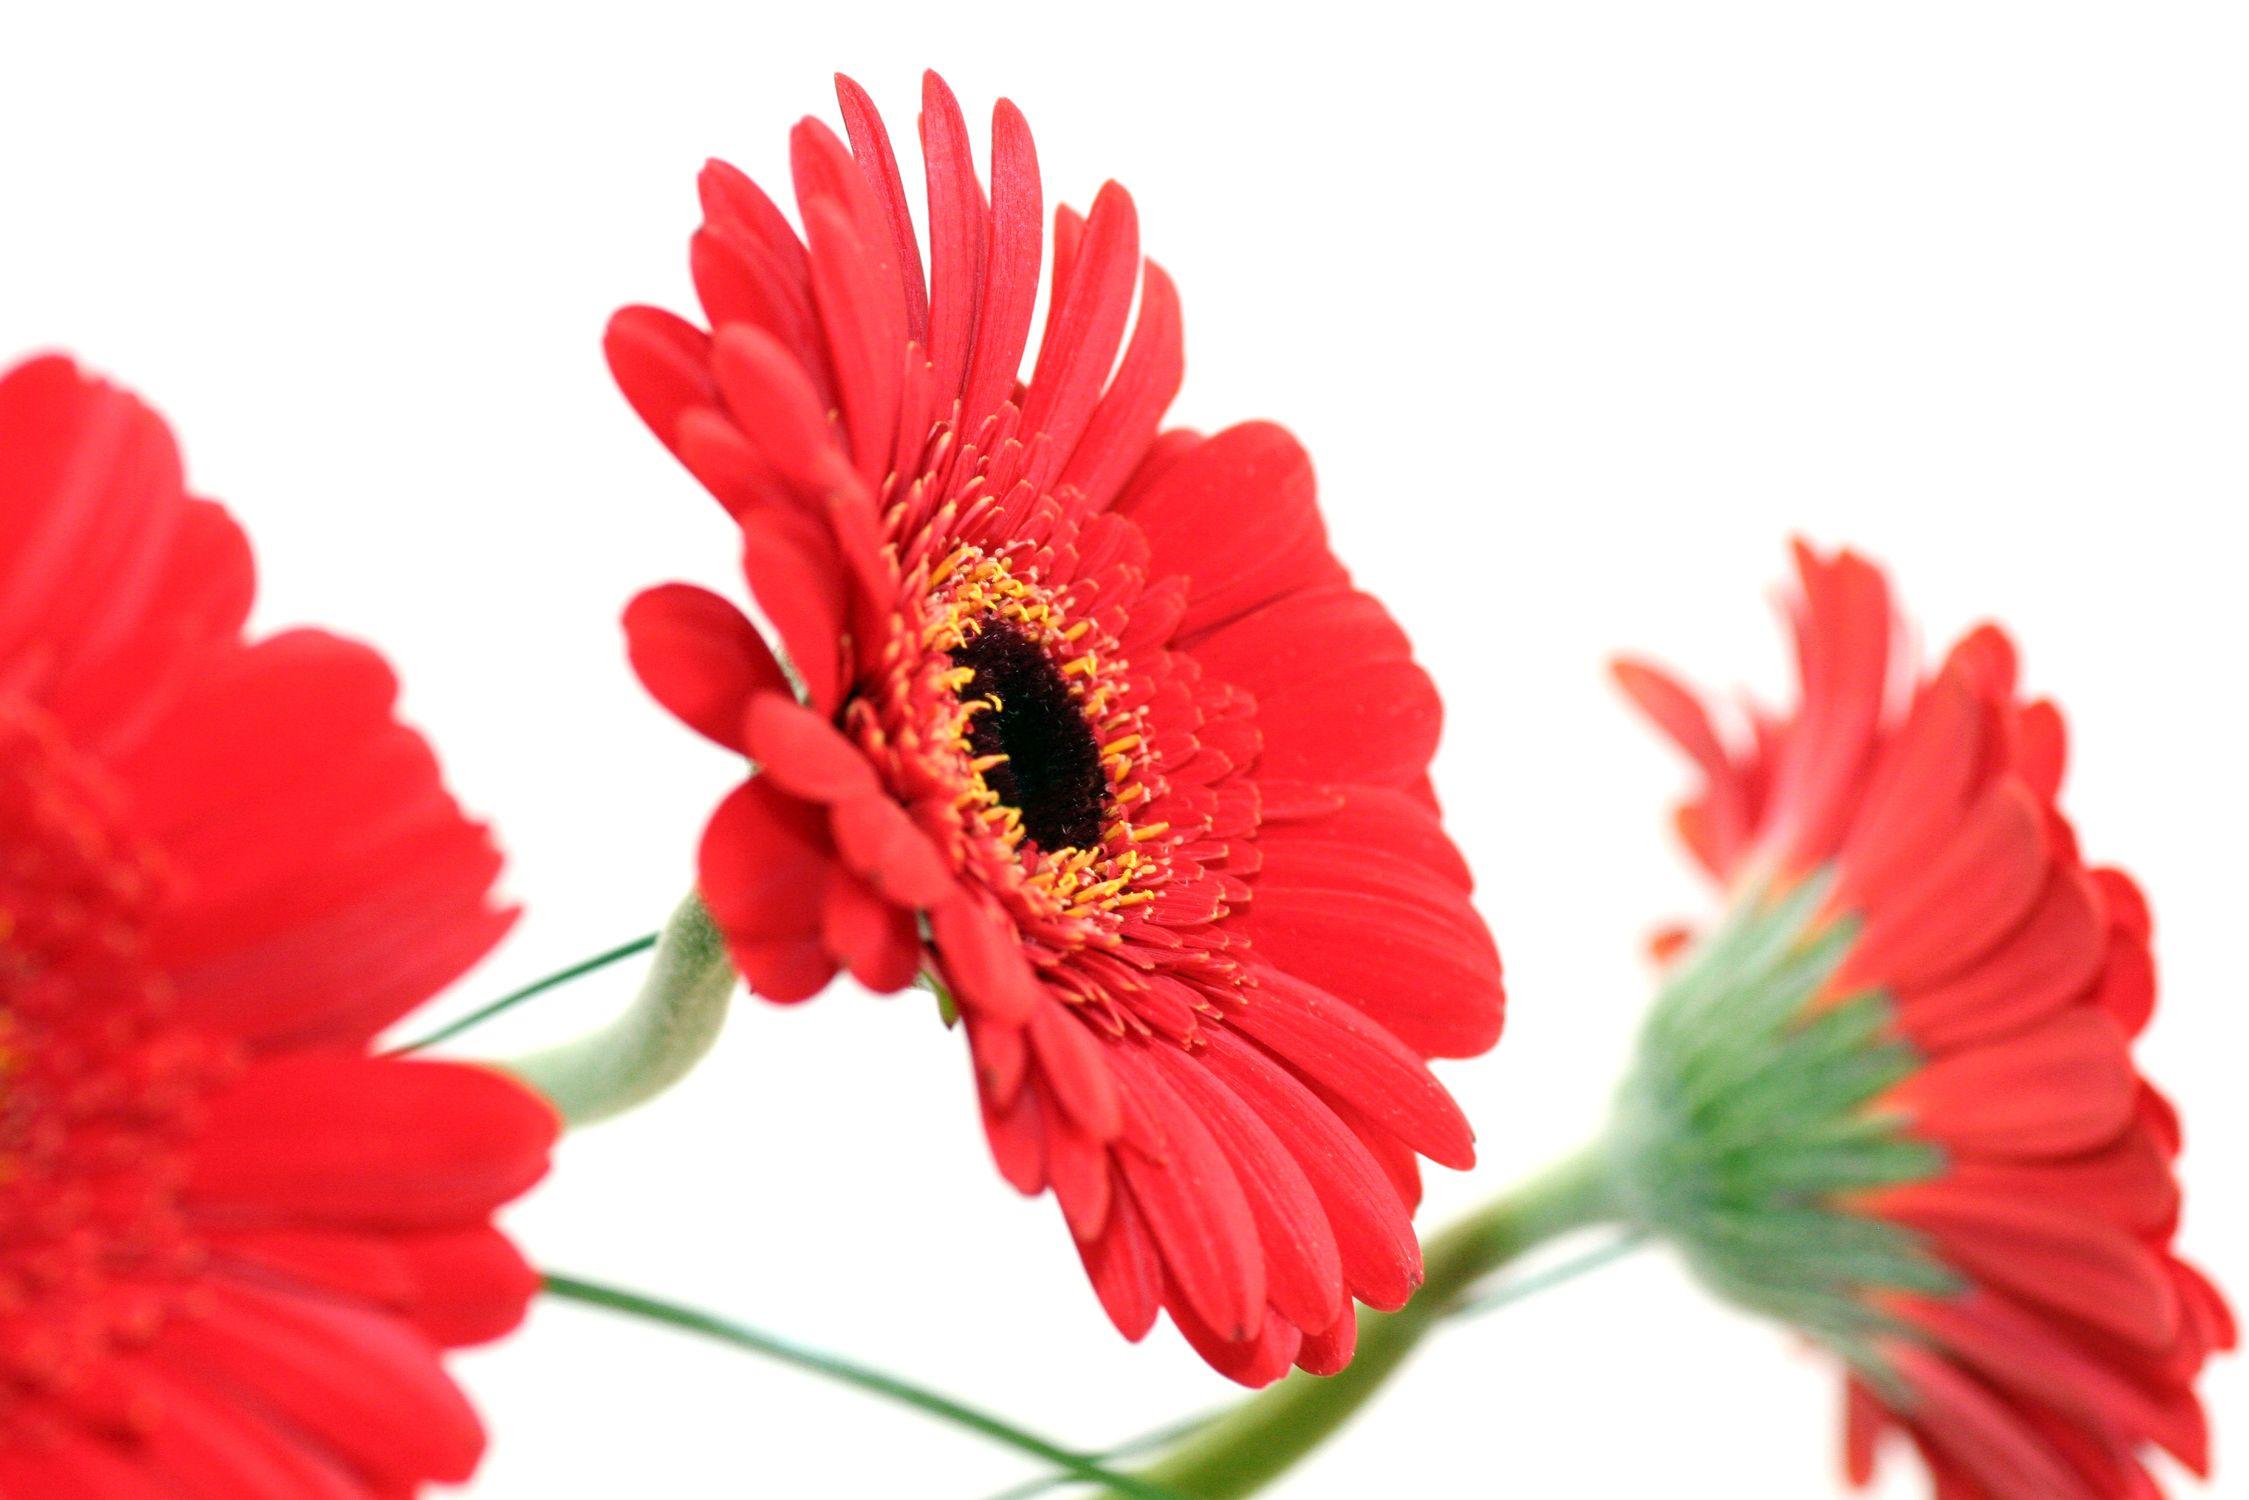 Bild mit Natur, Pflanzen, Blumen, Korbblütler, Gerberas, Rot, Blume, Pflanze, Flower, Flowers, Gerbera, Schnittblume, rote Gerbera, rote Gerberas